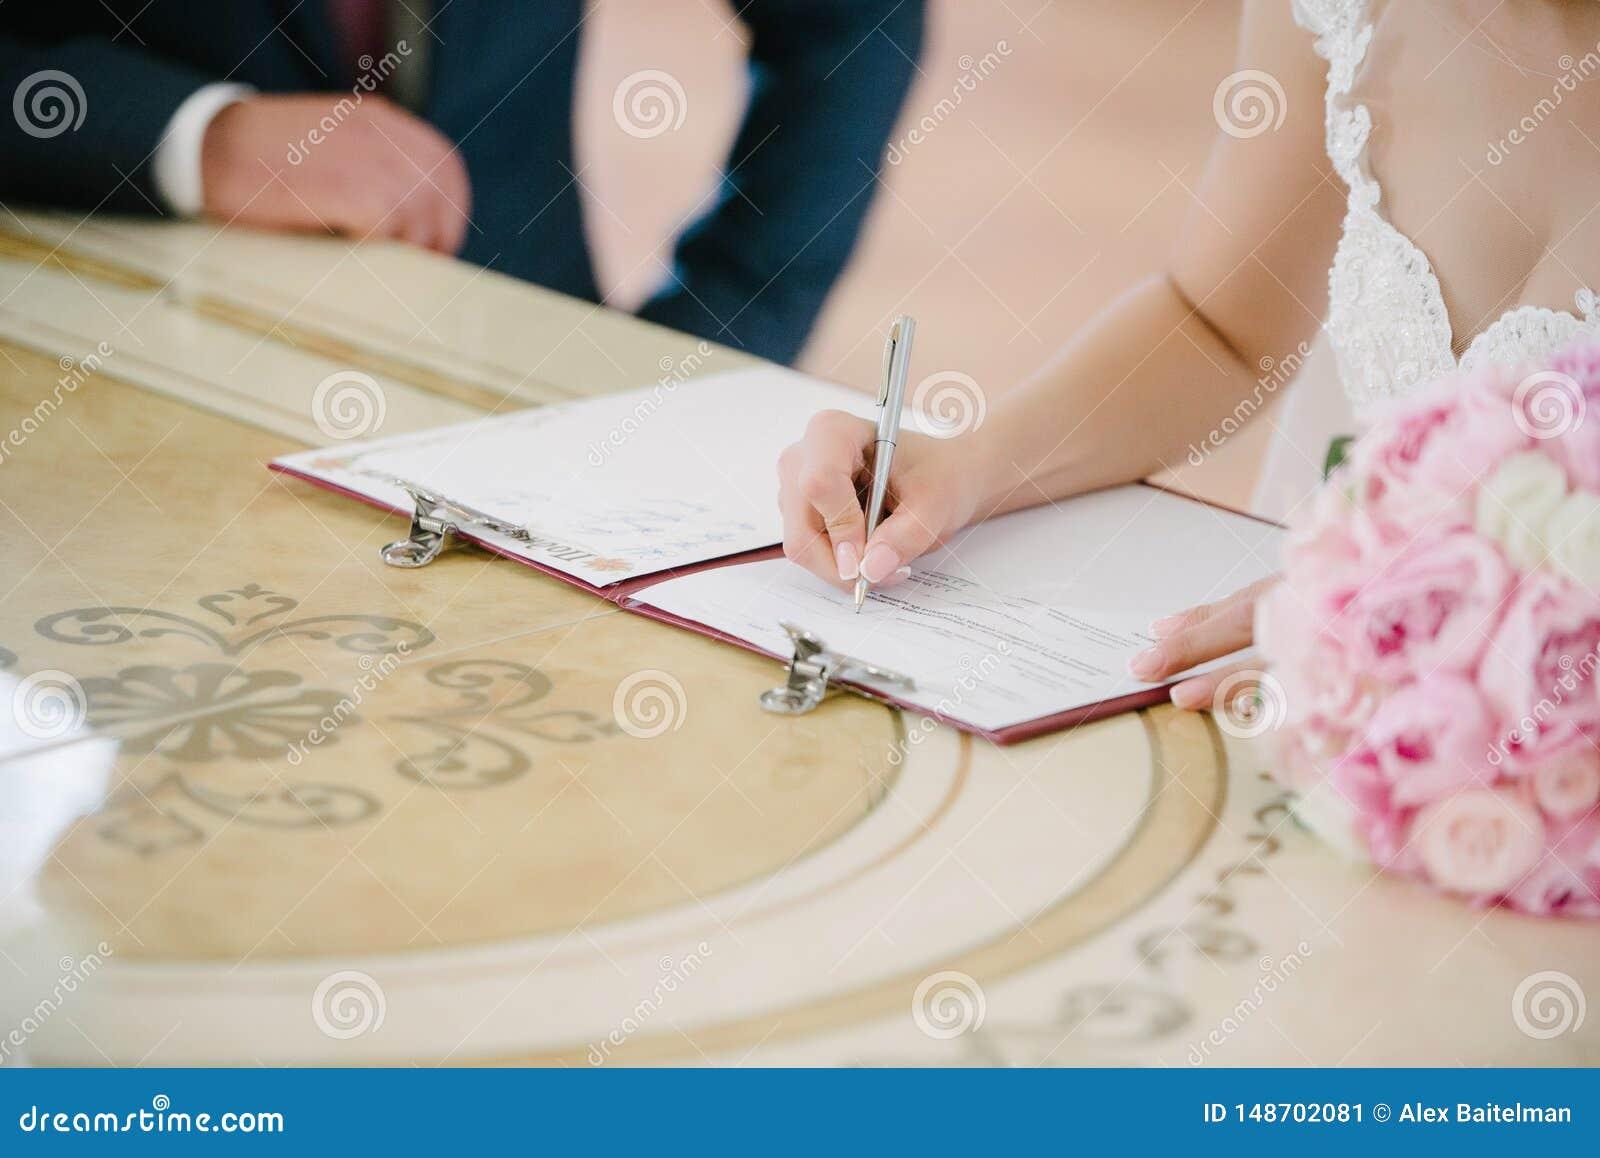 Panna m?oda podpisuje na rejestracji w dokumencie na dzie? ?lubu